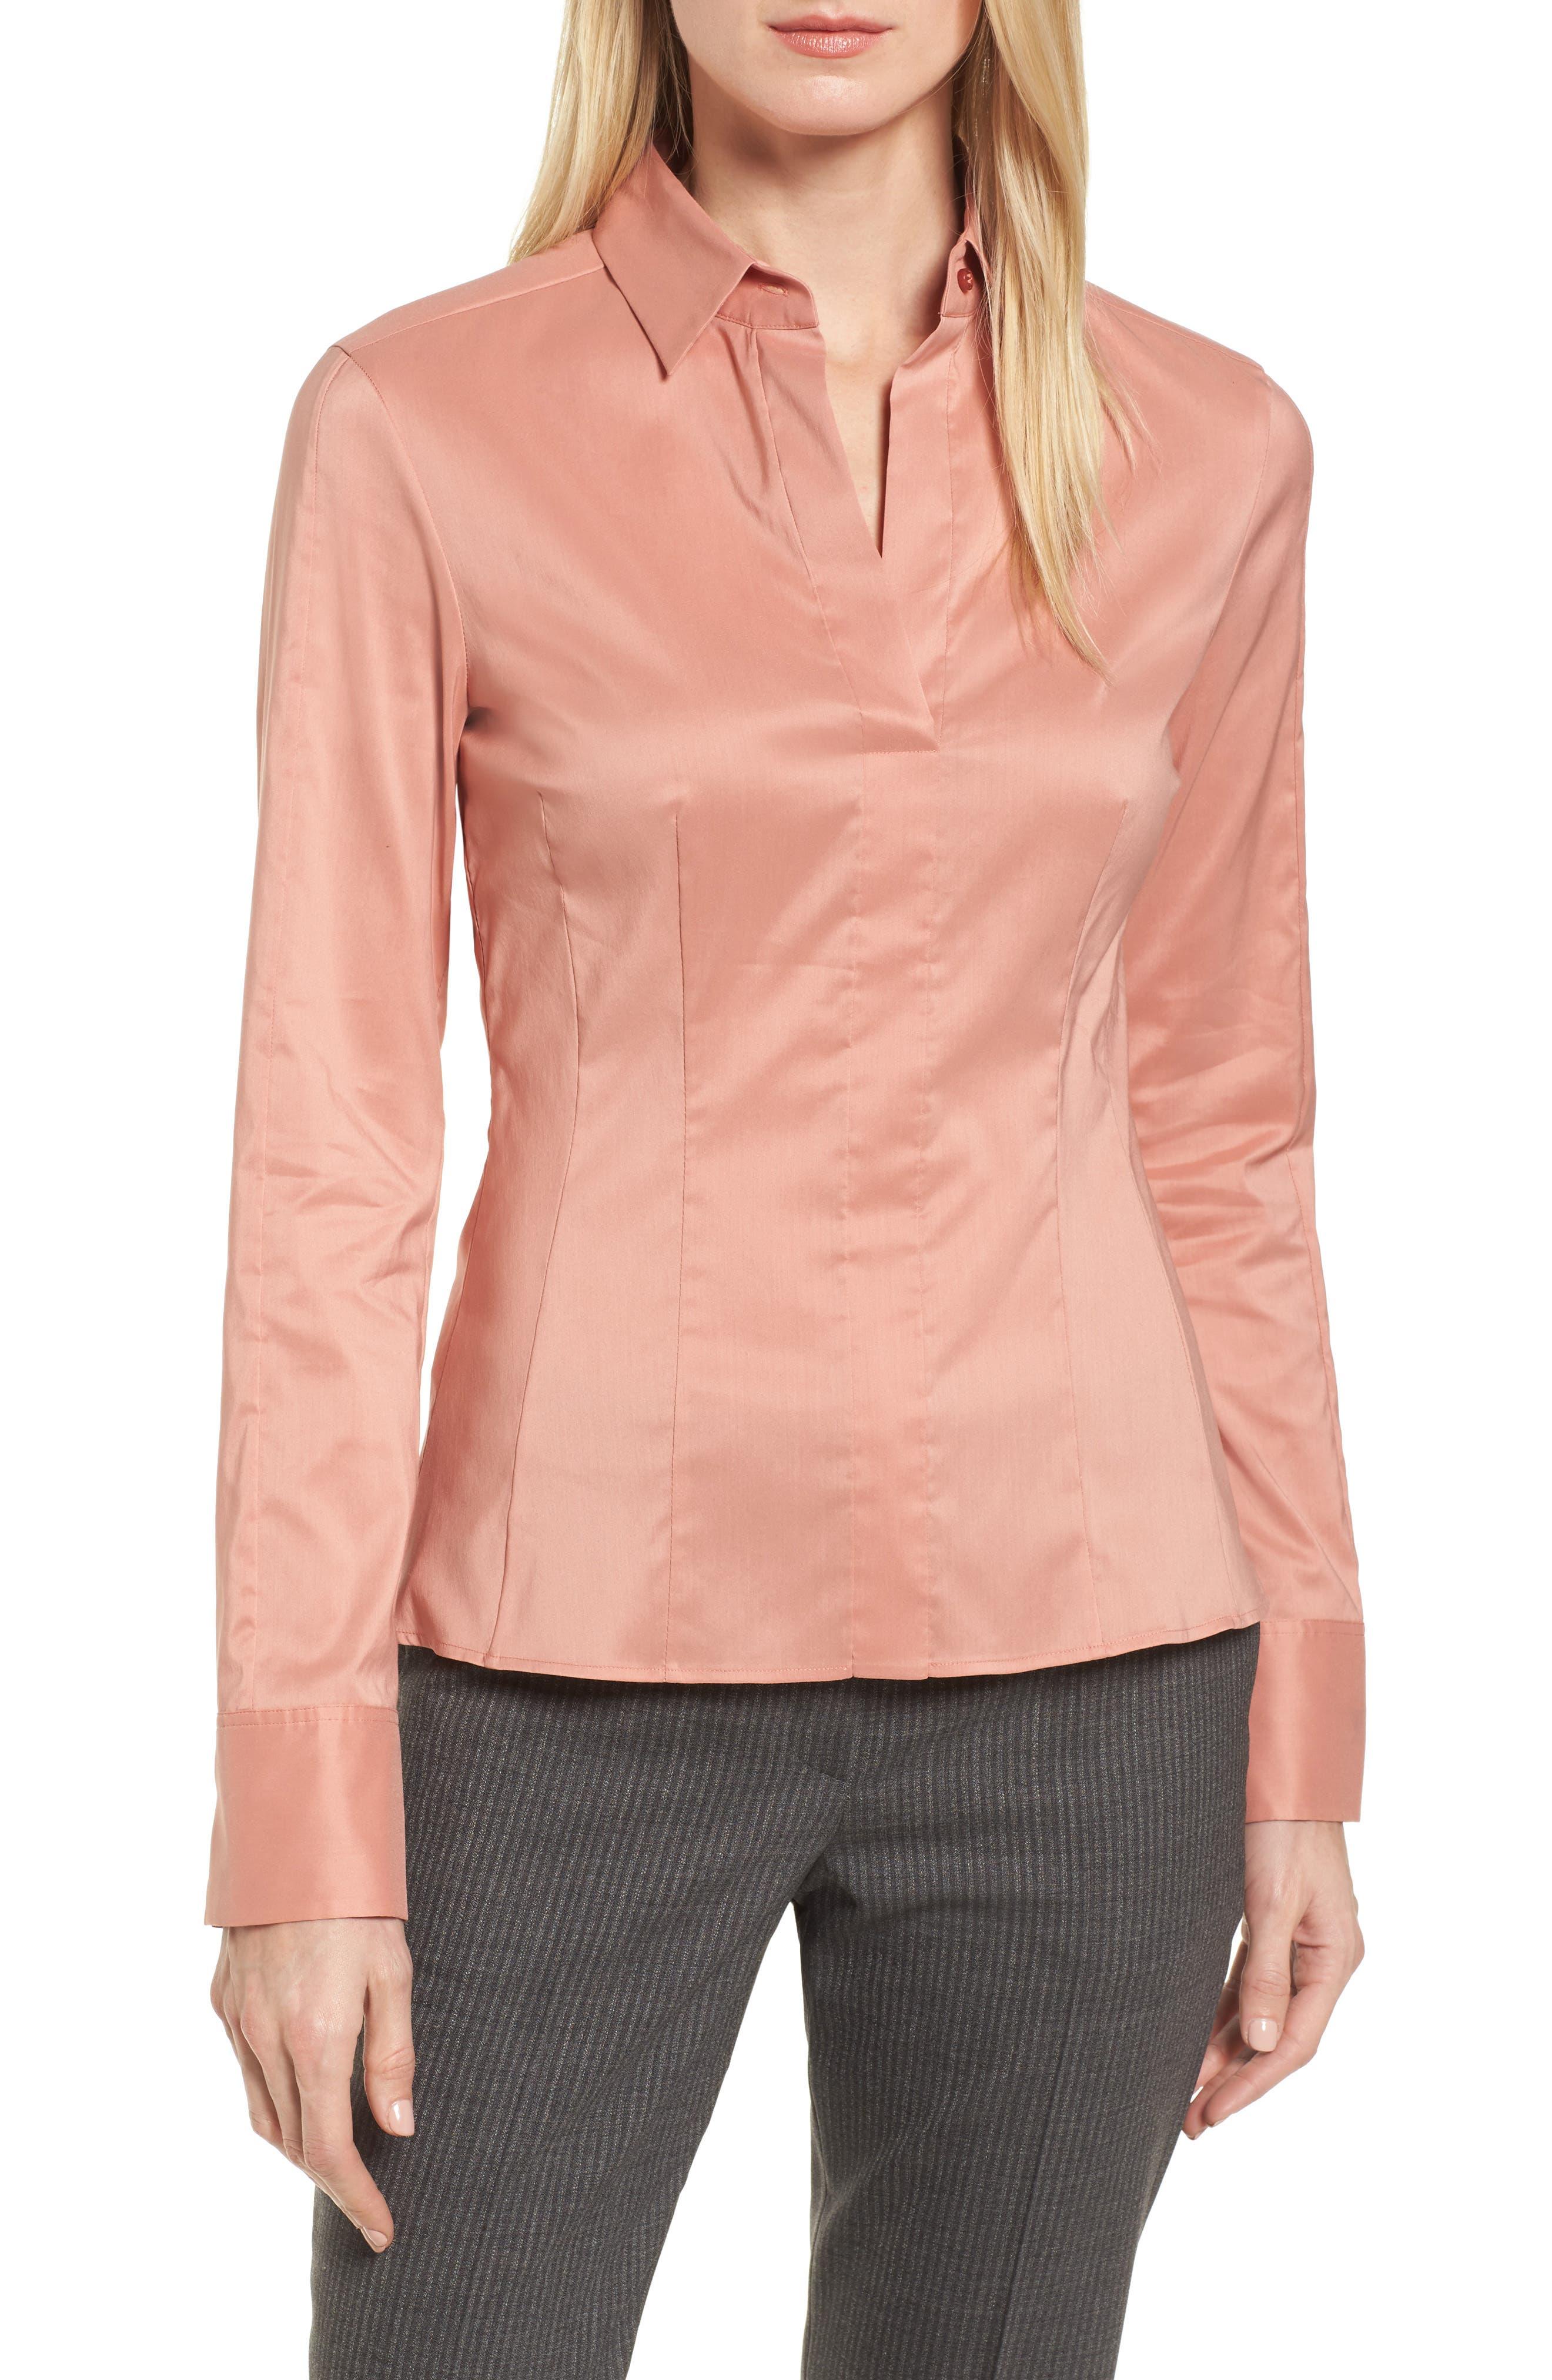 Main Image - BOSS Bashina Fitted Stretch Poplin Shirt (Petite)